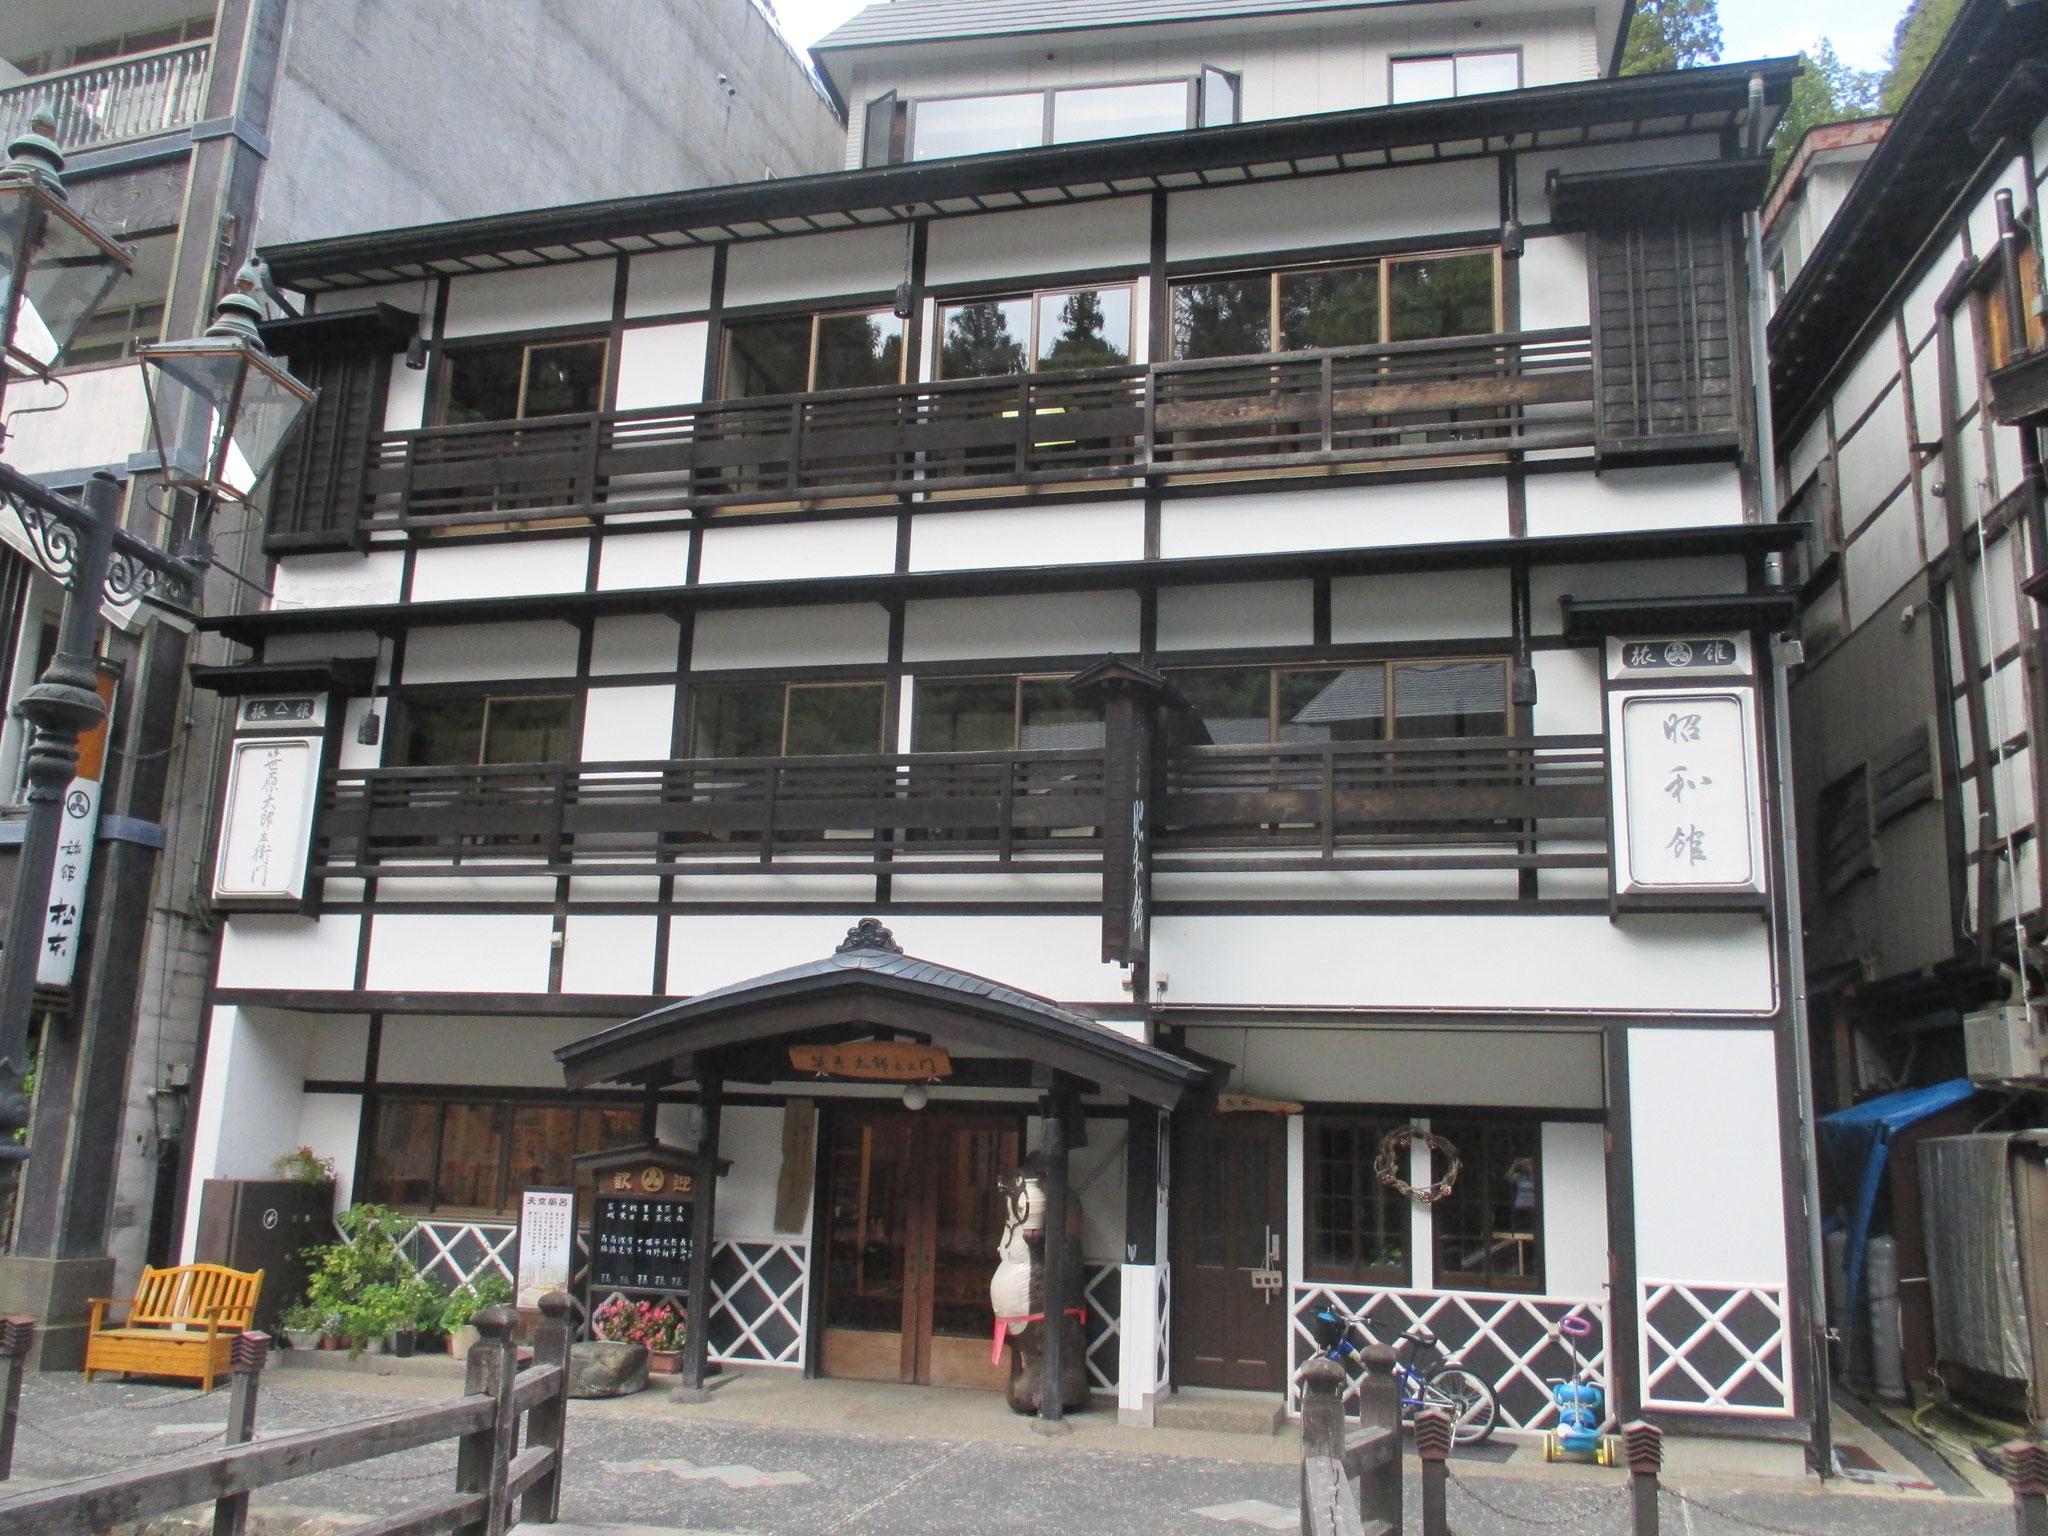 昭和館 0237-28-2151 13室